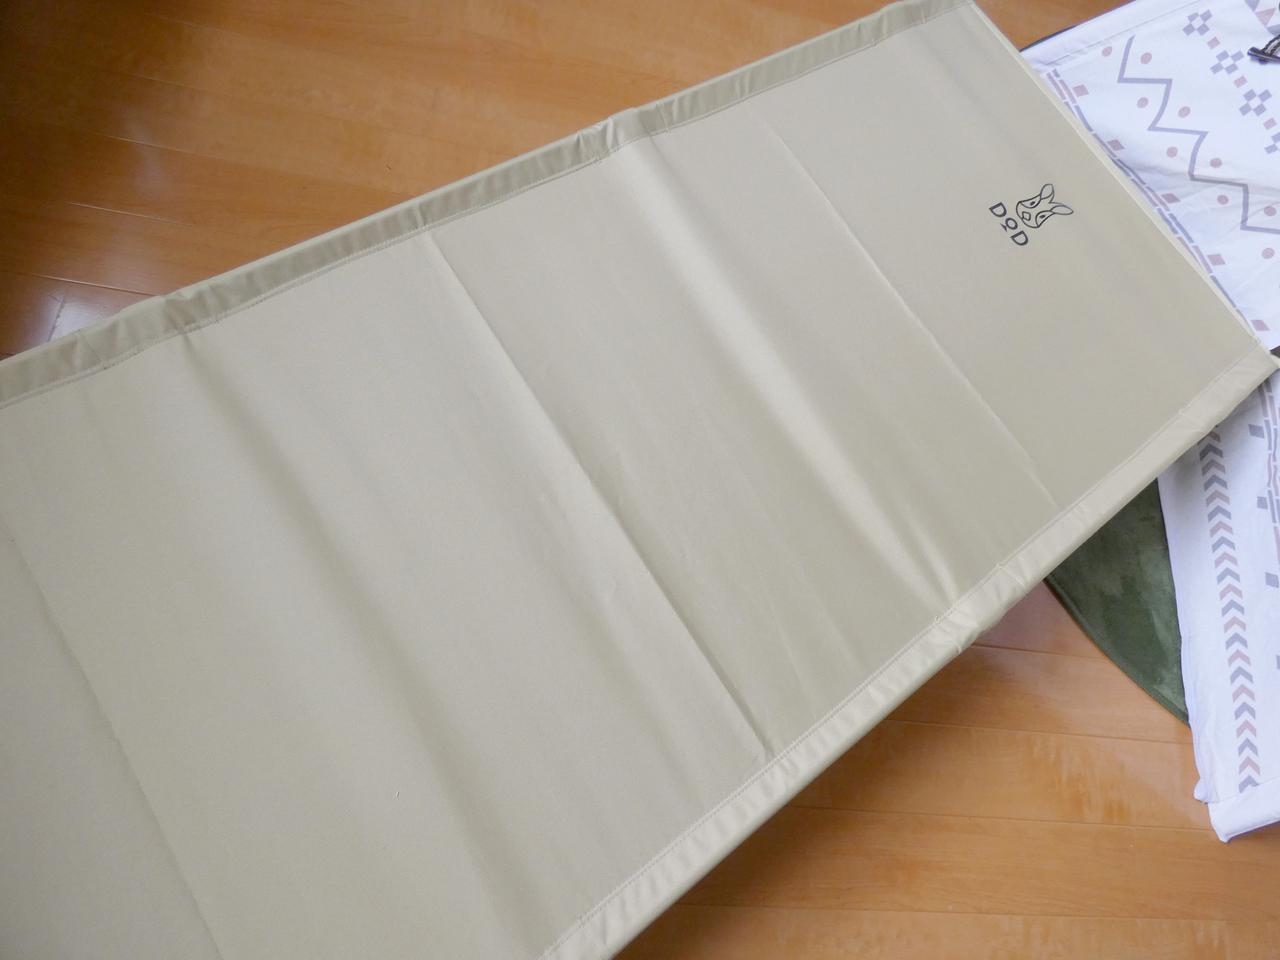 画像1: DOD「バッグインベッド」は組み立て簡単なアウトドアベッド 普段使いにもおすすめ - ハピキャン(HAPPY CAMPER)